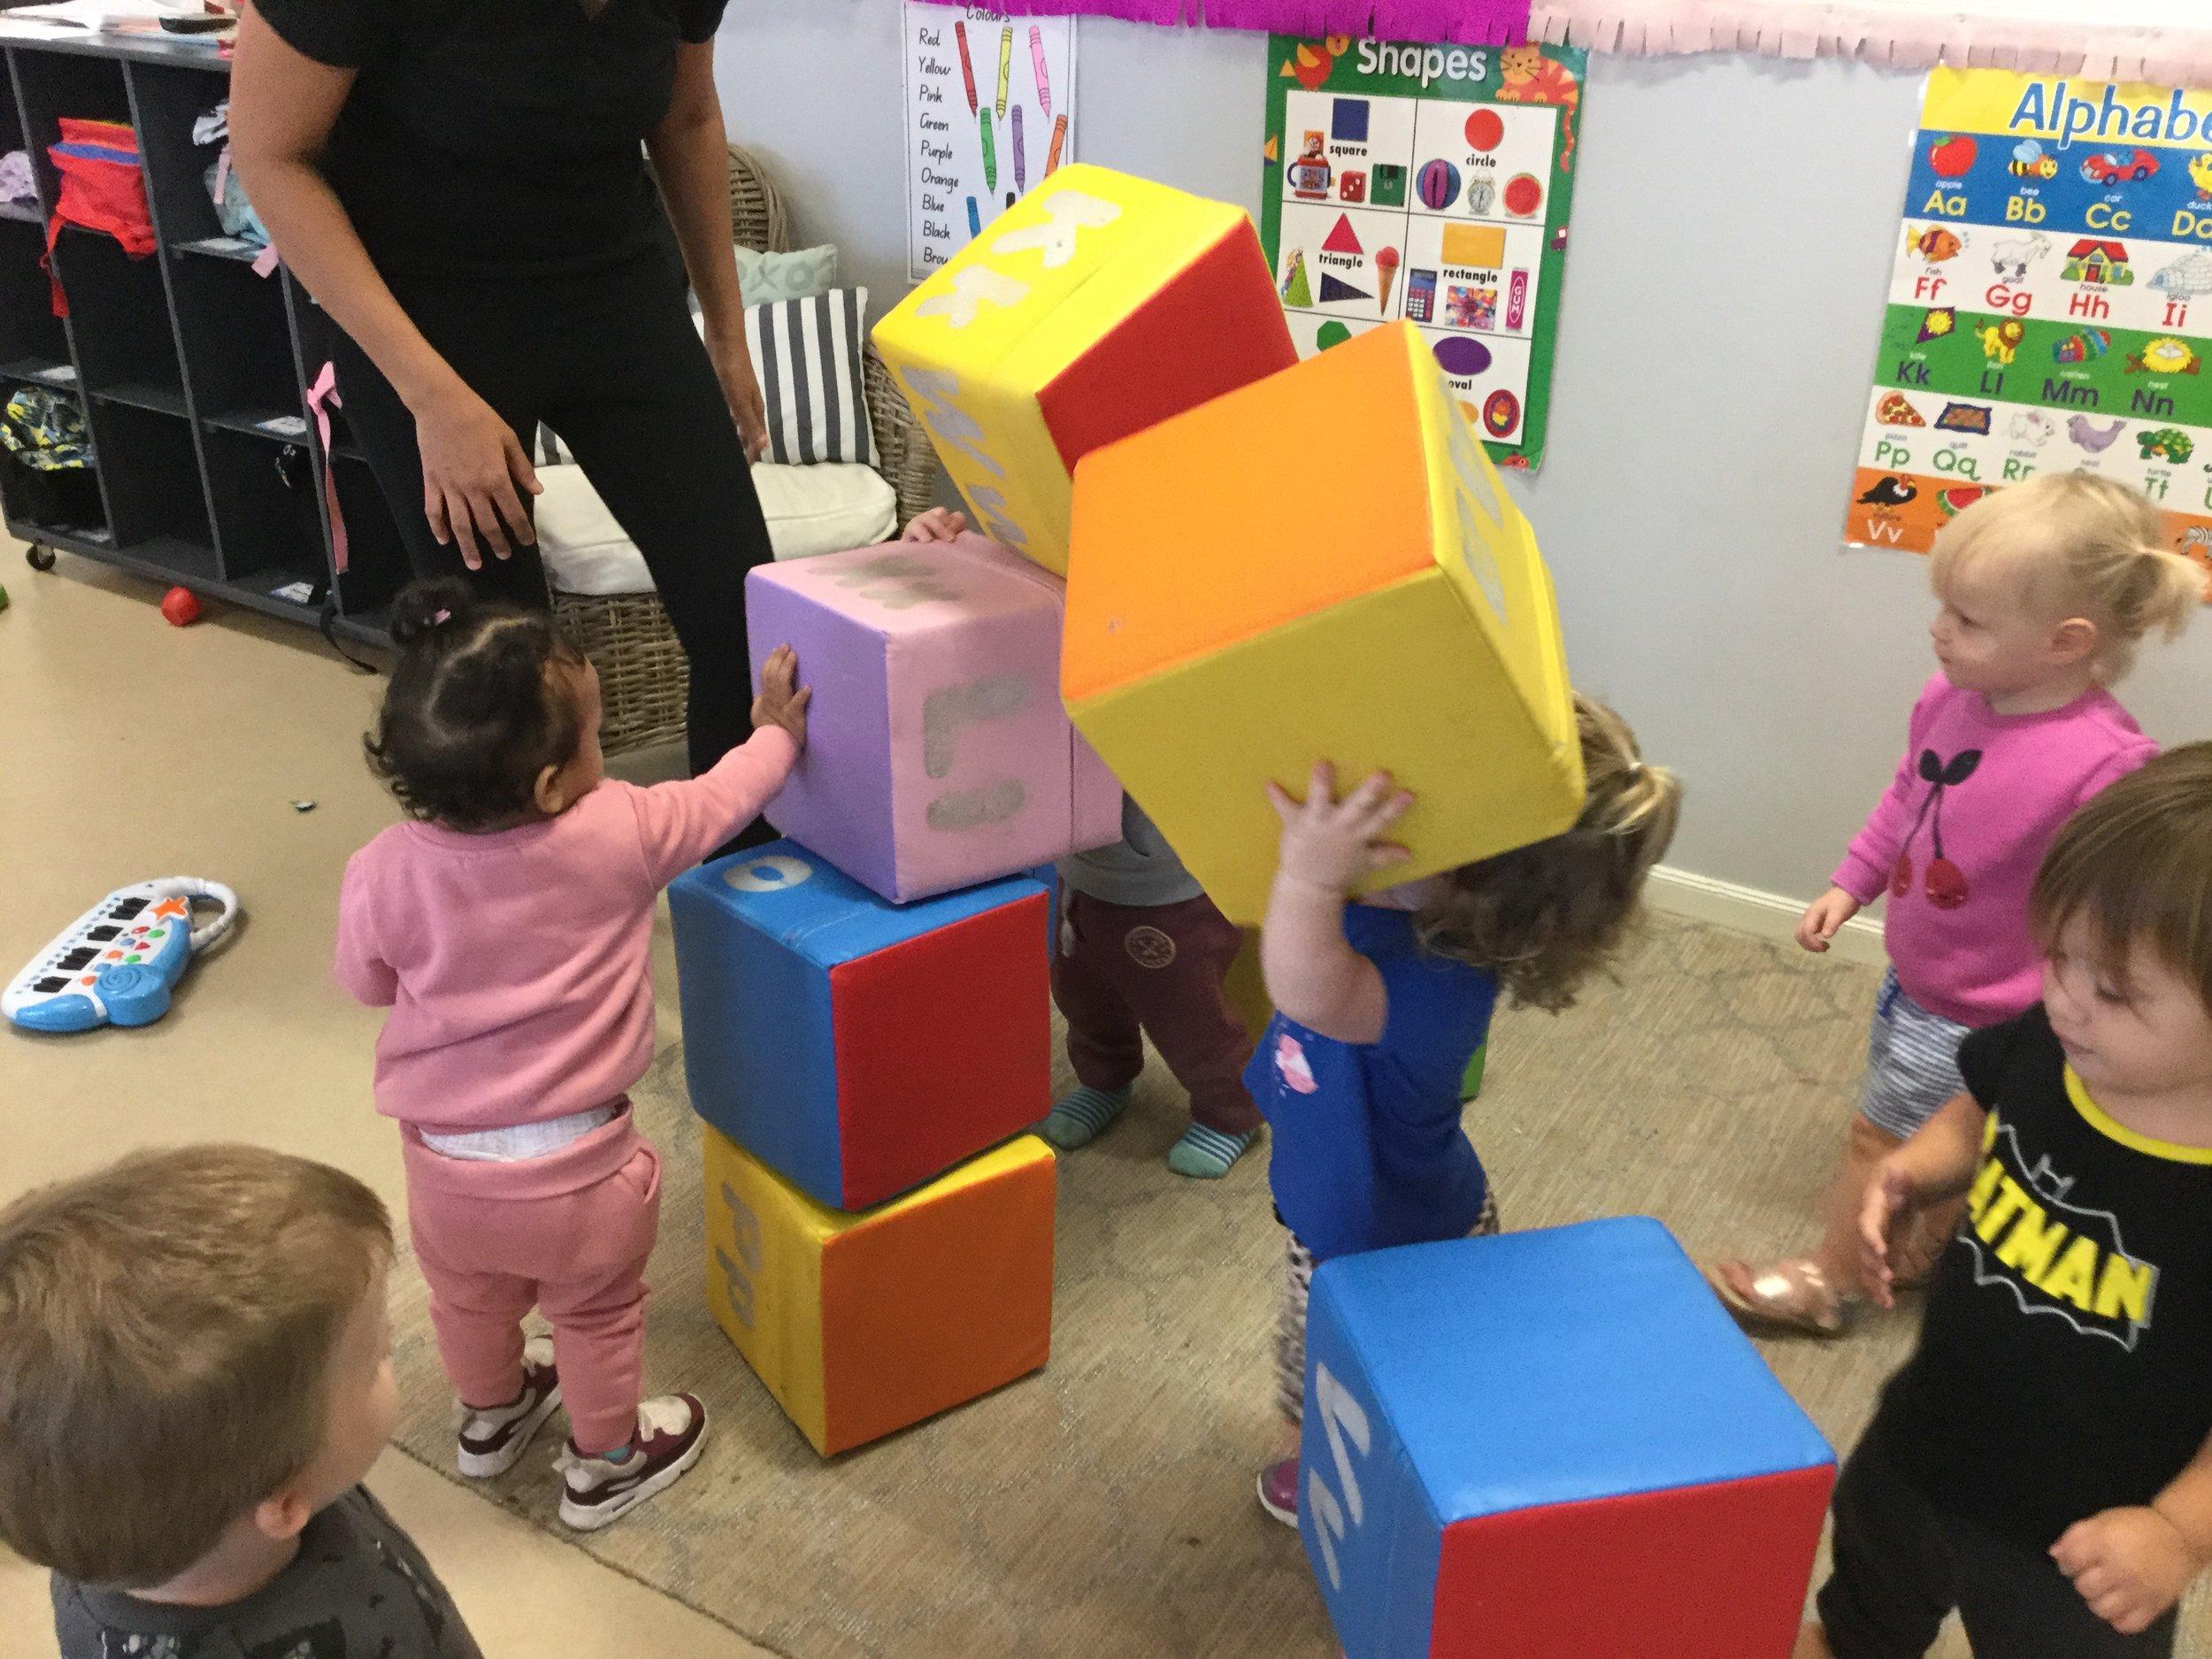 Toddlers fun with blocks